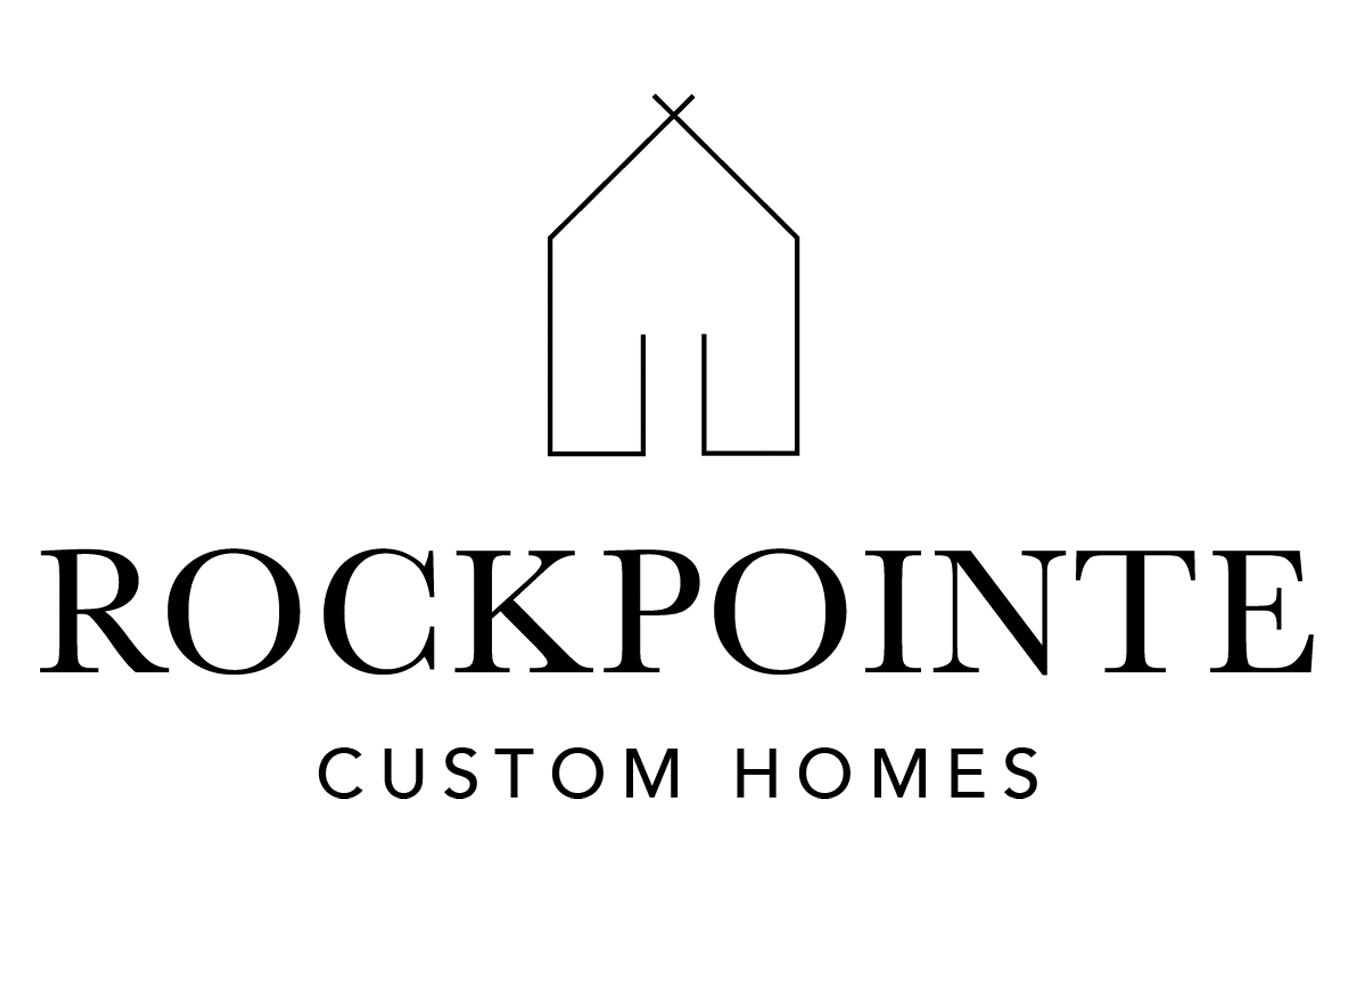 Rockpointe Custom Homes